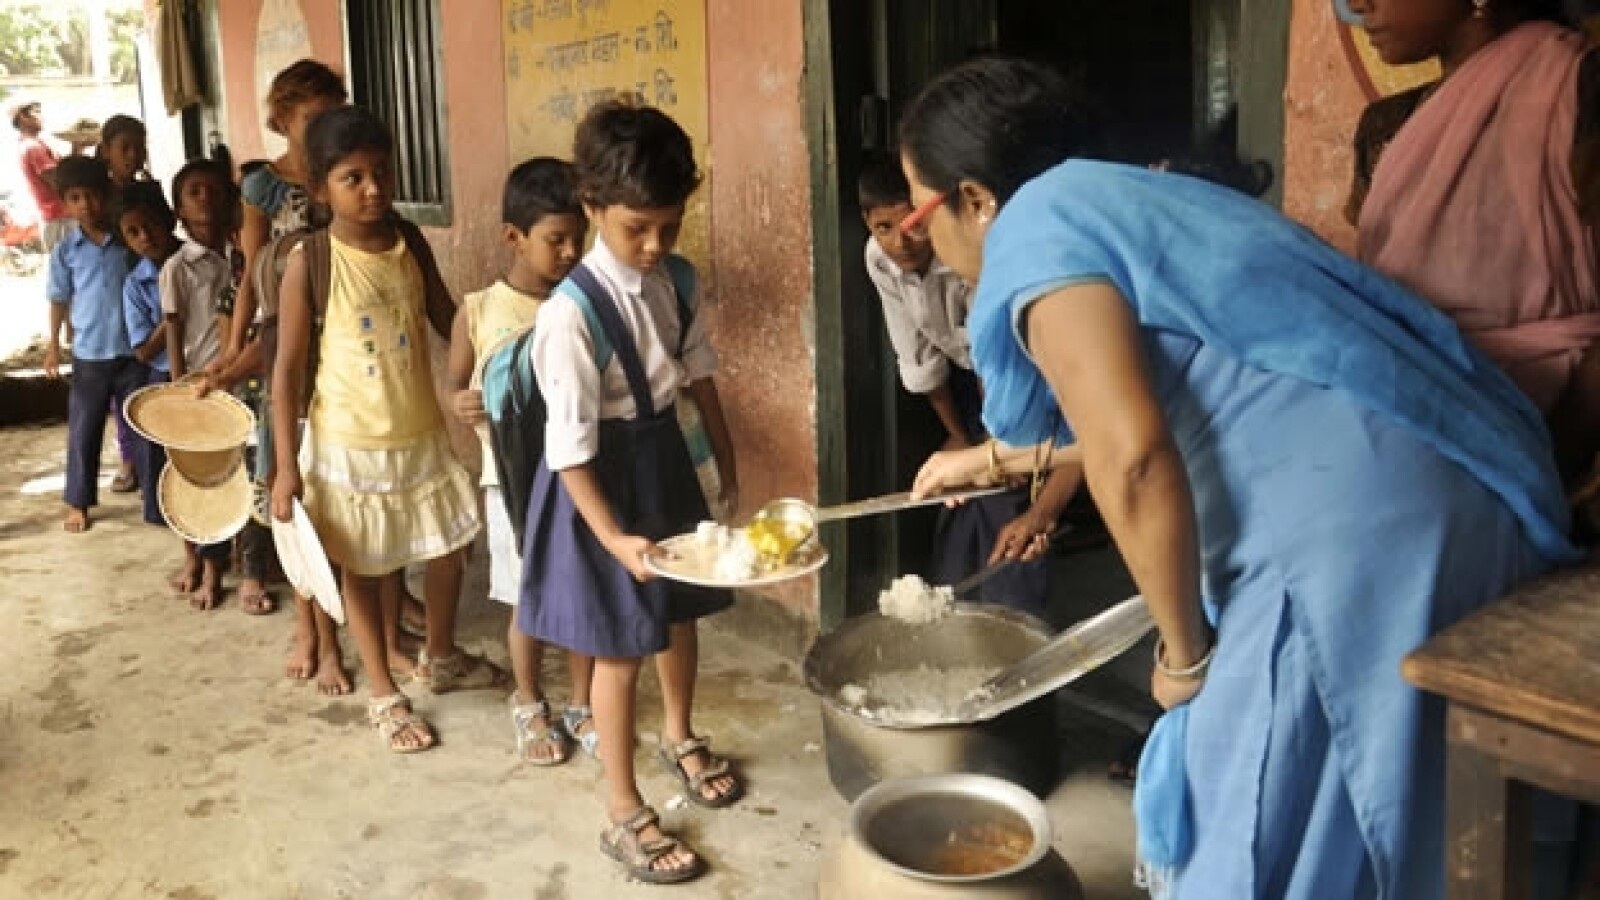 Niños intoxicados por comida en India